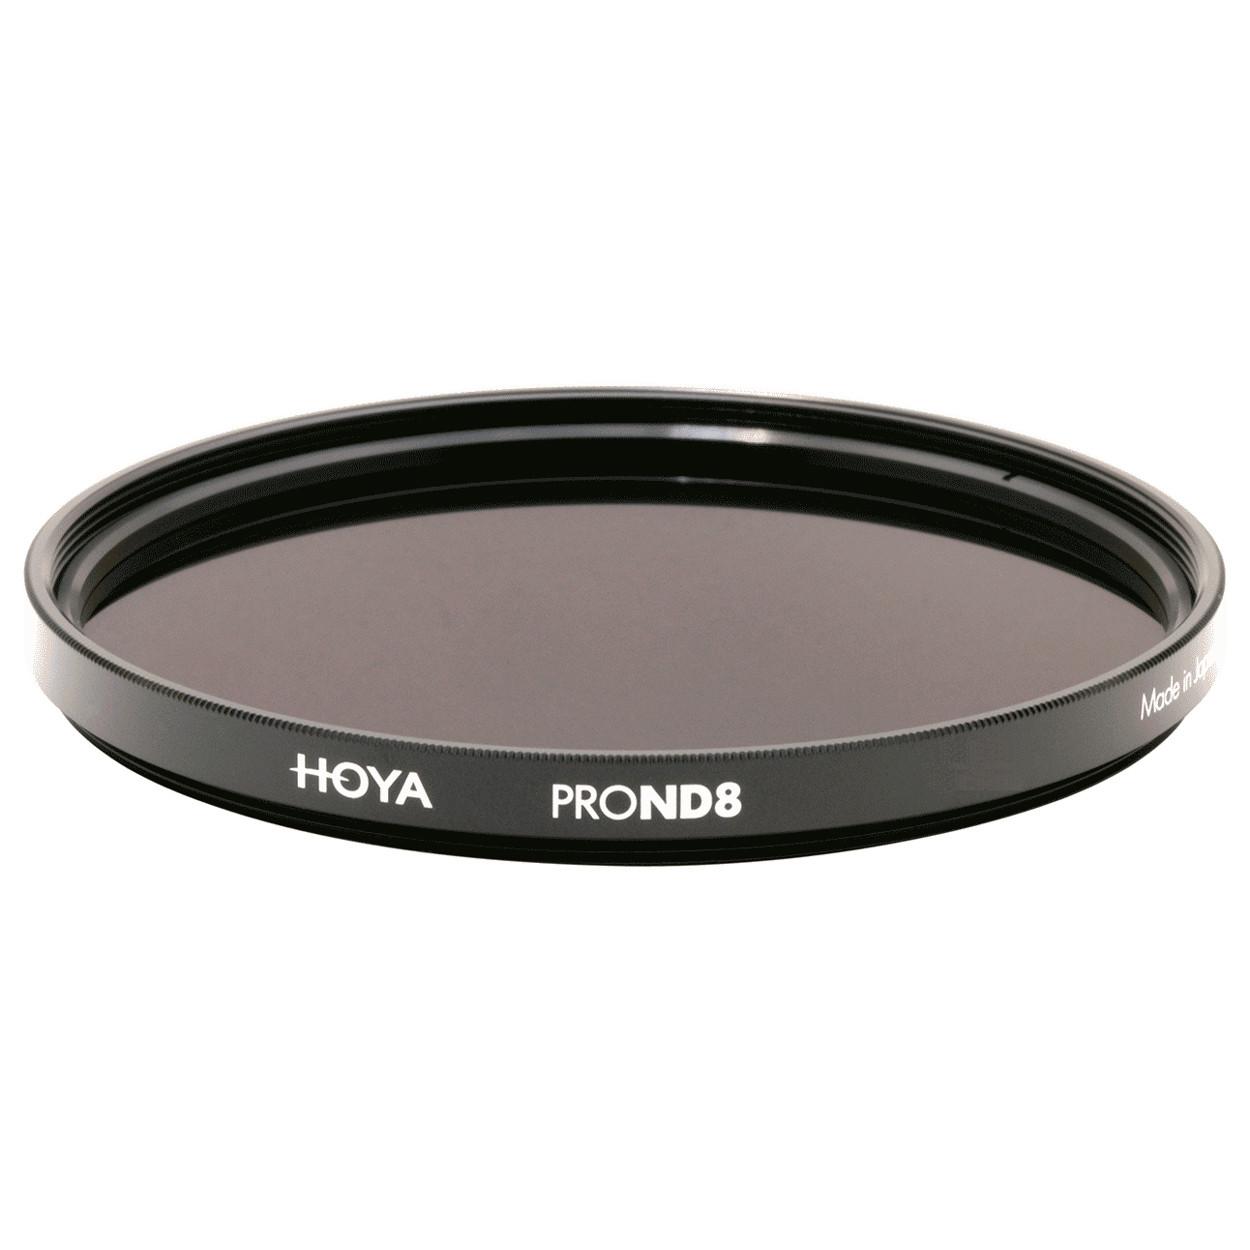 Фильтр нейтрально-серый Hoya Pro ND 8 (3 стопа) 62 мм